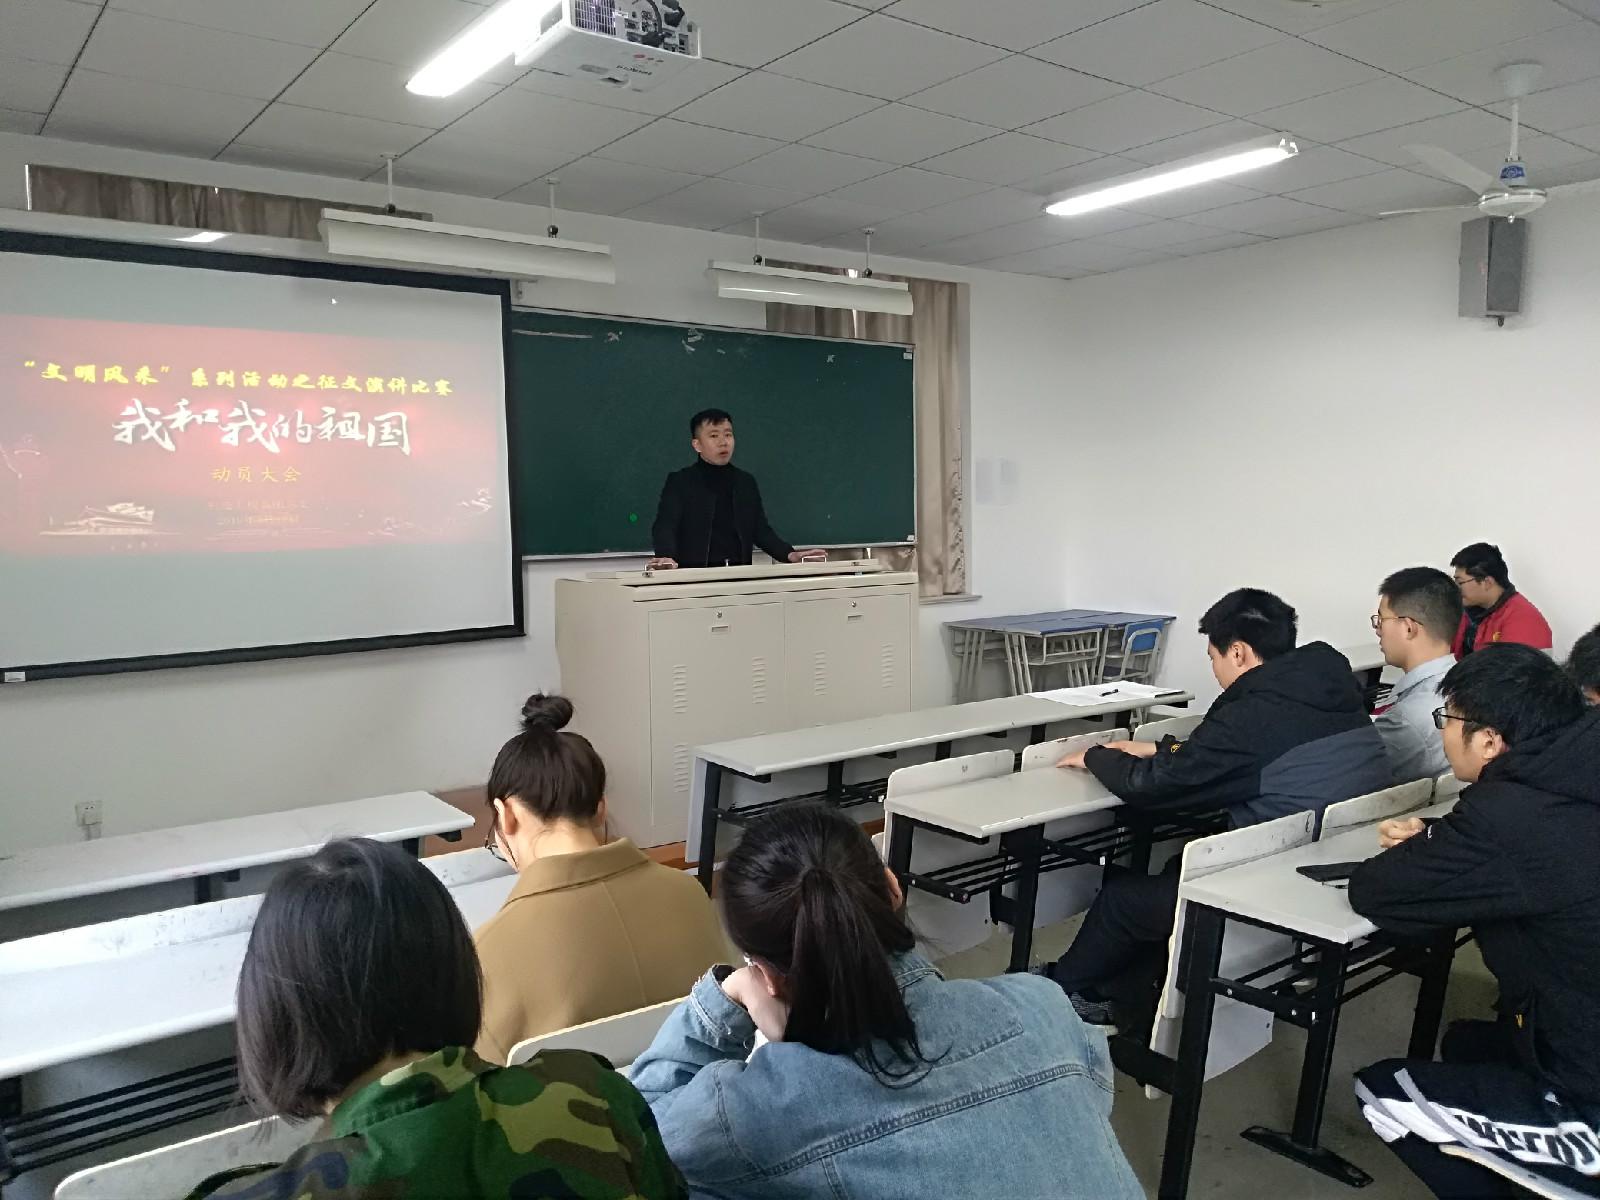 高职学院 高级技校举办 我和我的祖国 文明风采征文演讲比赛